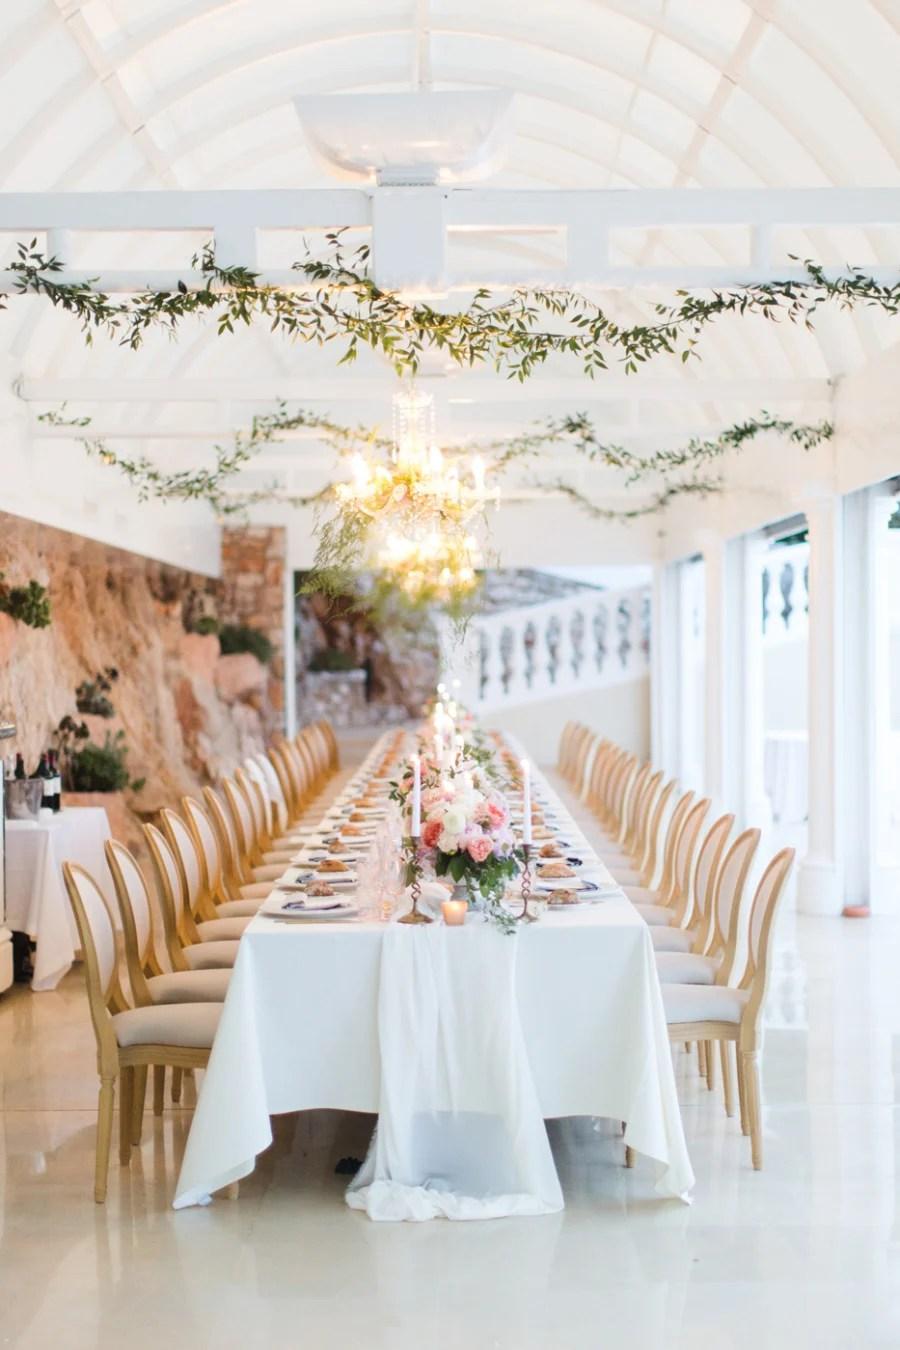 Hochzeitsdeko fr Tische  schpfen Sie kreative Ideen fr